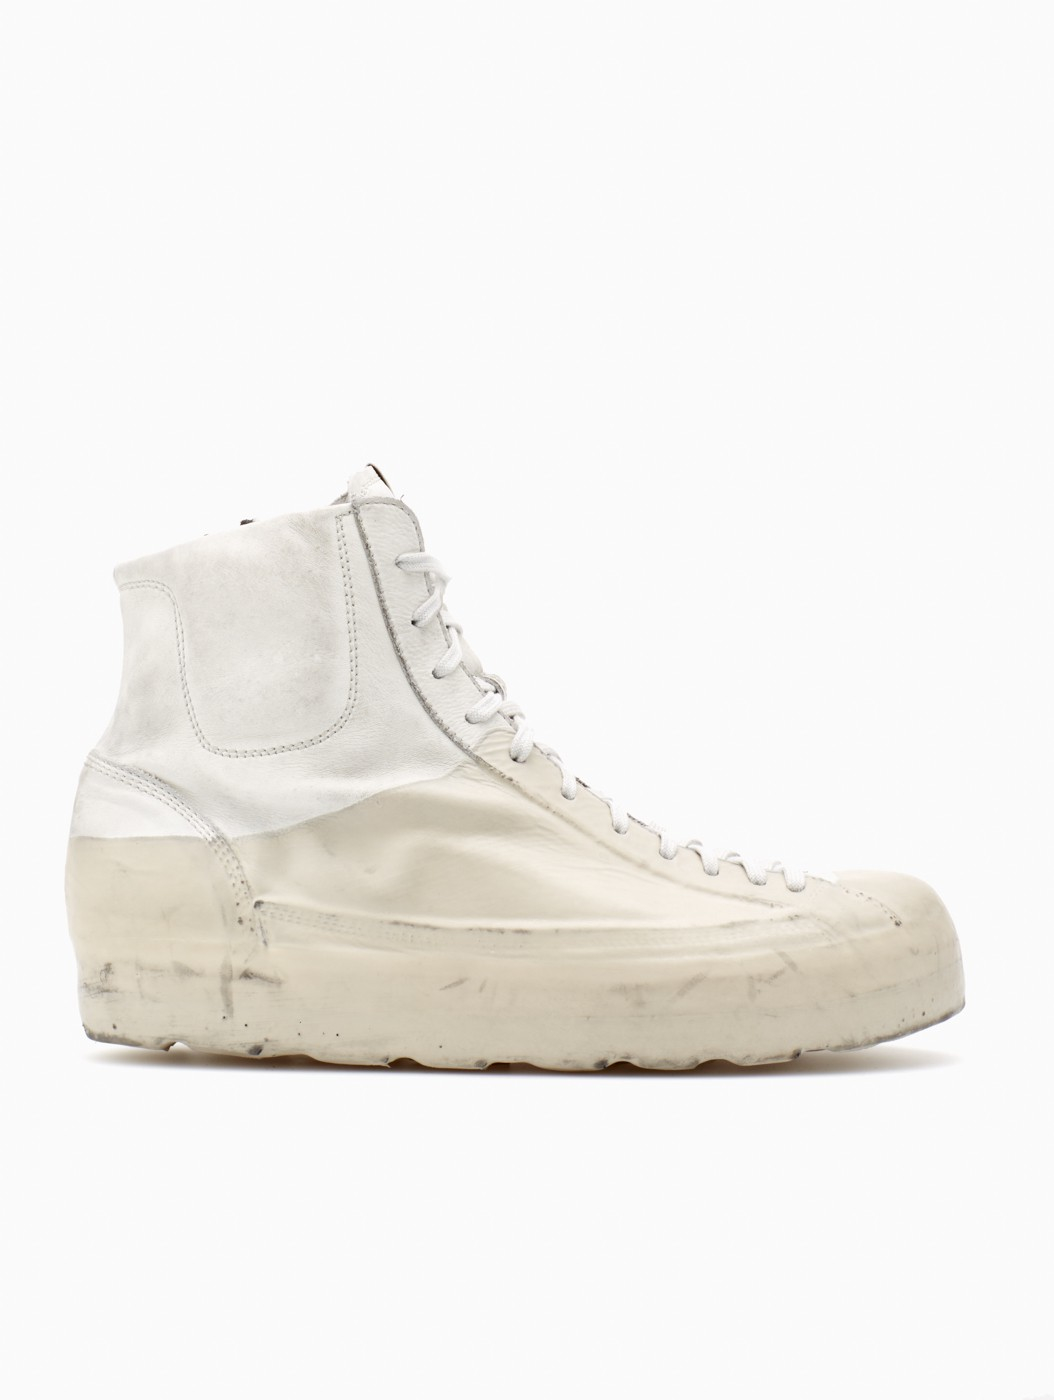 FOOTWEAR - Low-tops & sneakers Rubber Soul mNPp0C1H5i